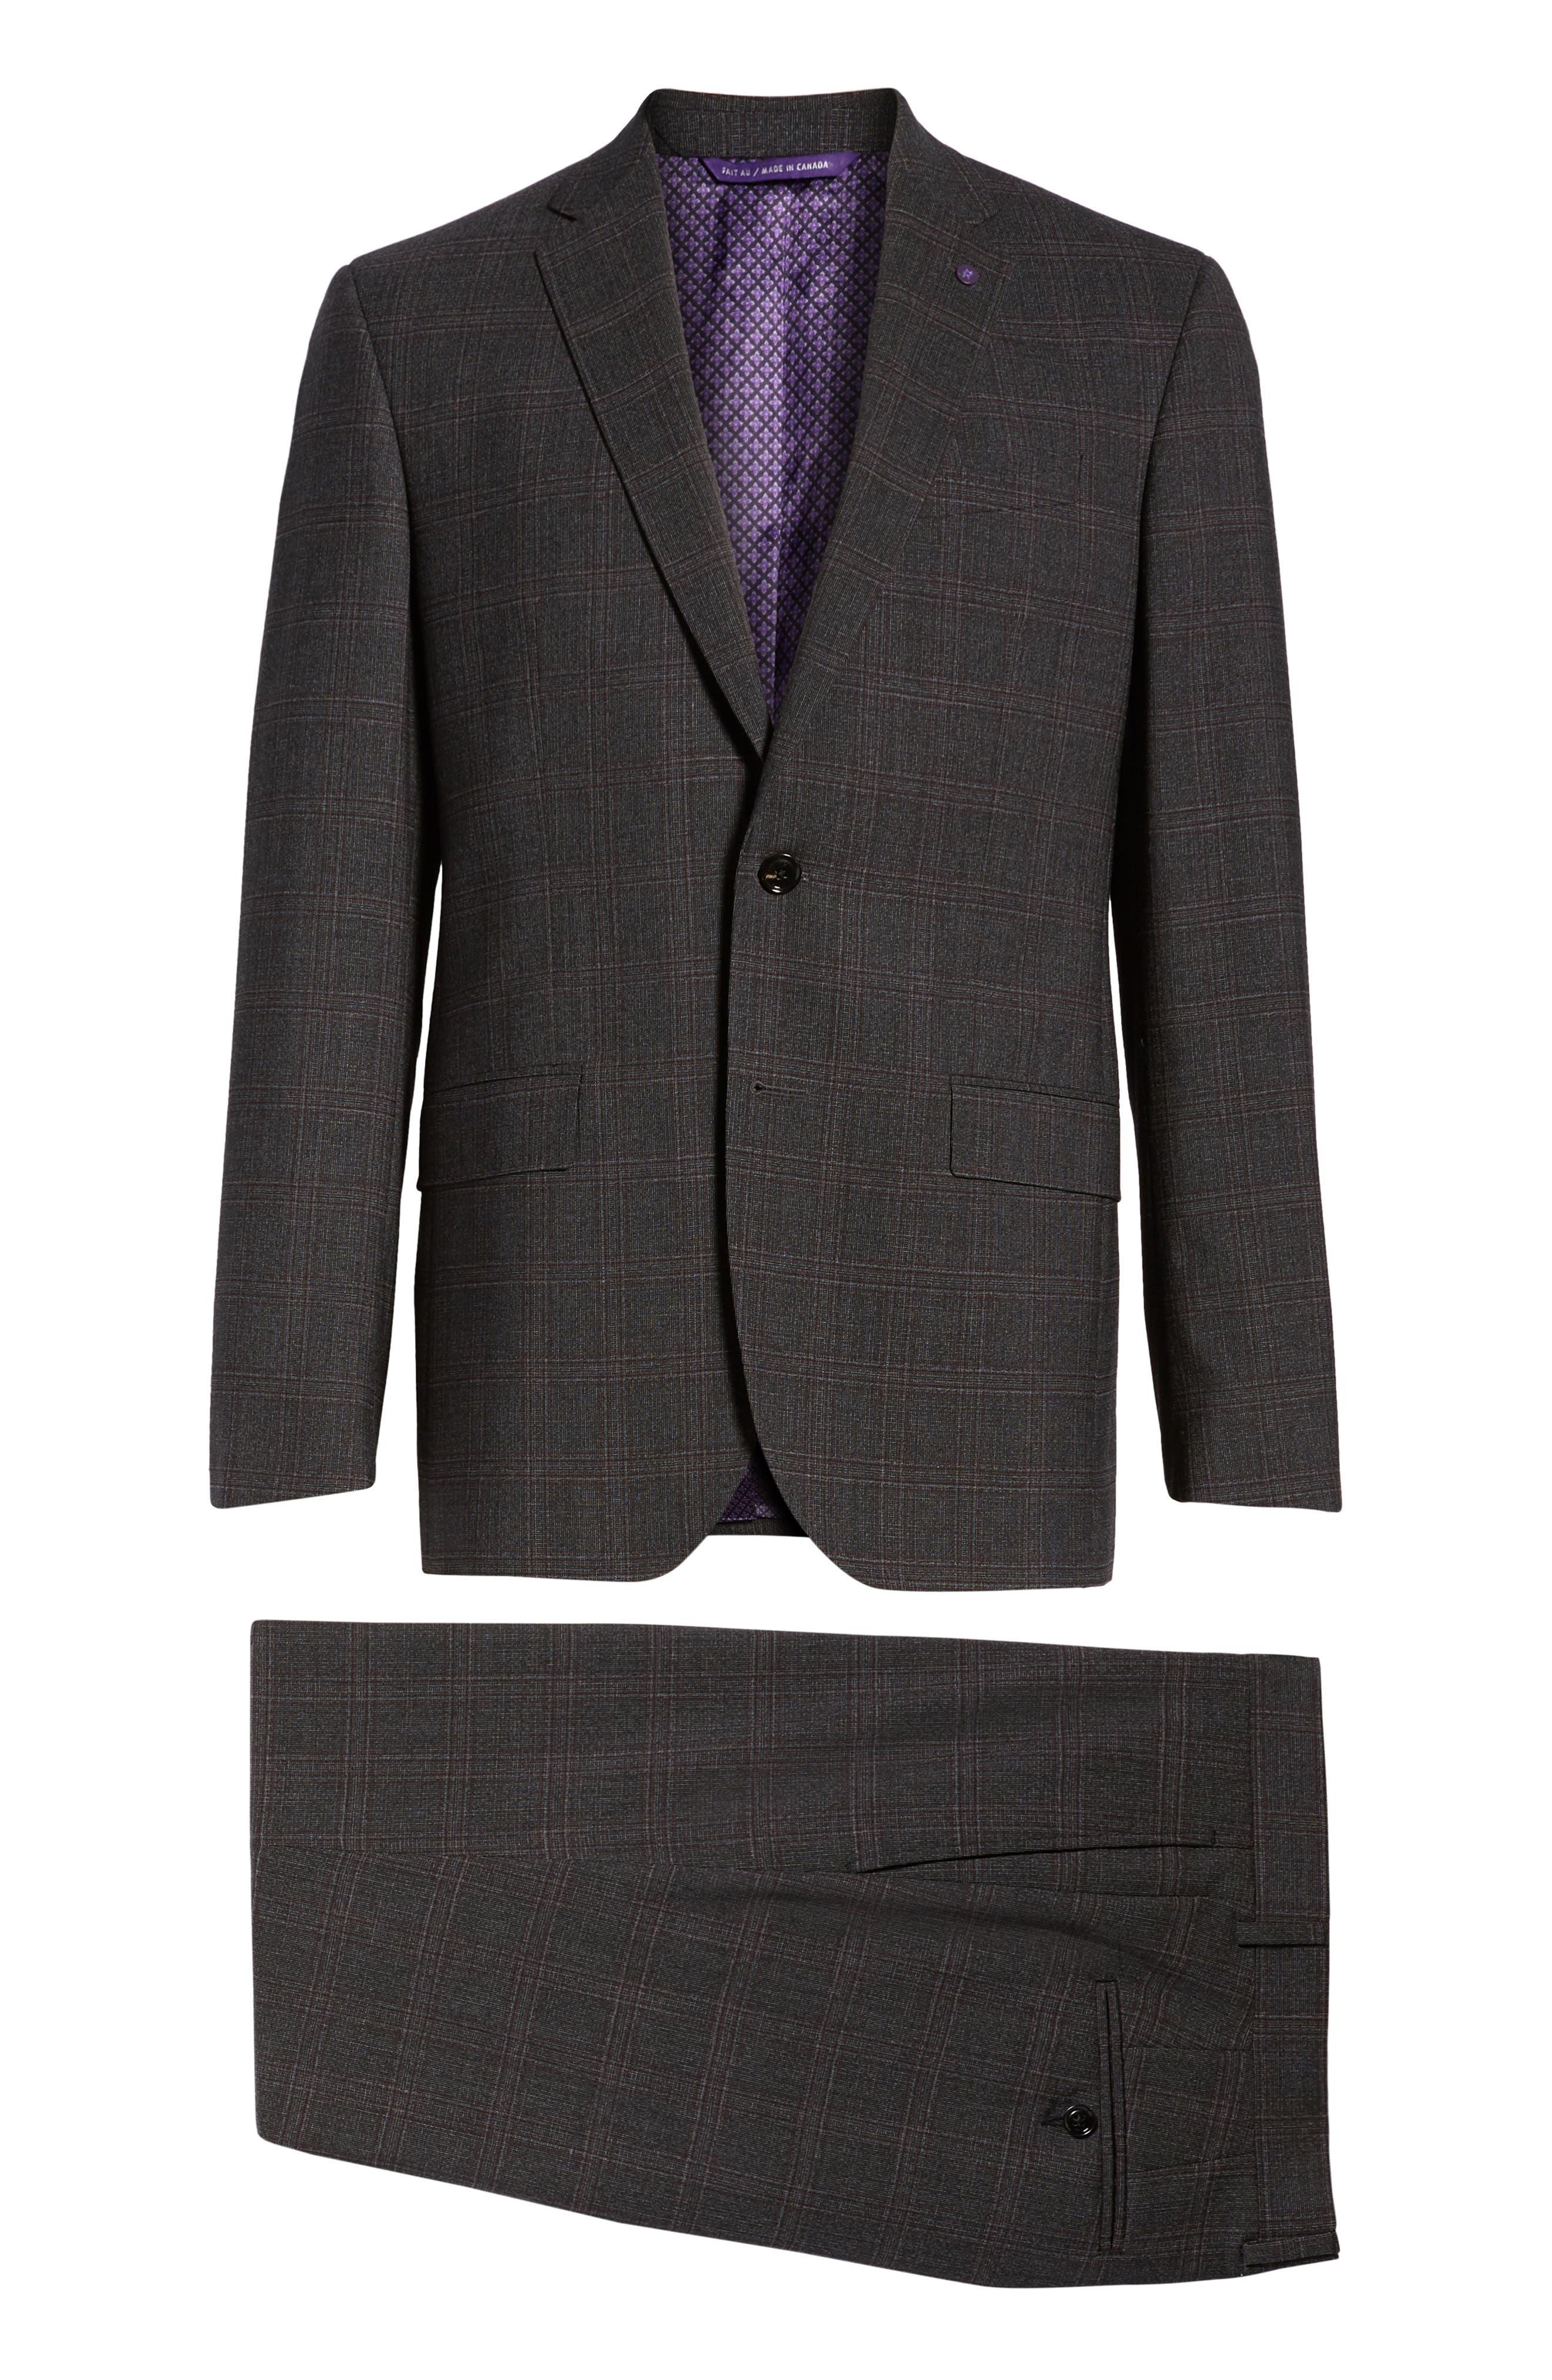 Jay Trim Fit Plaid Wool Suit,                             Alternate thumbnail 8, color,                             CHARCOAL